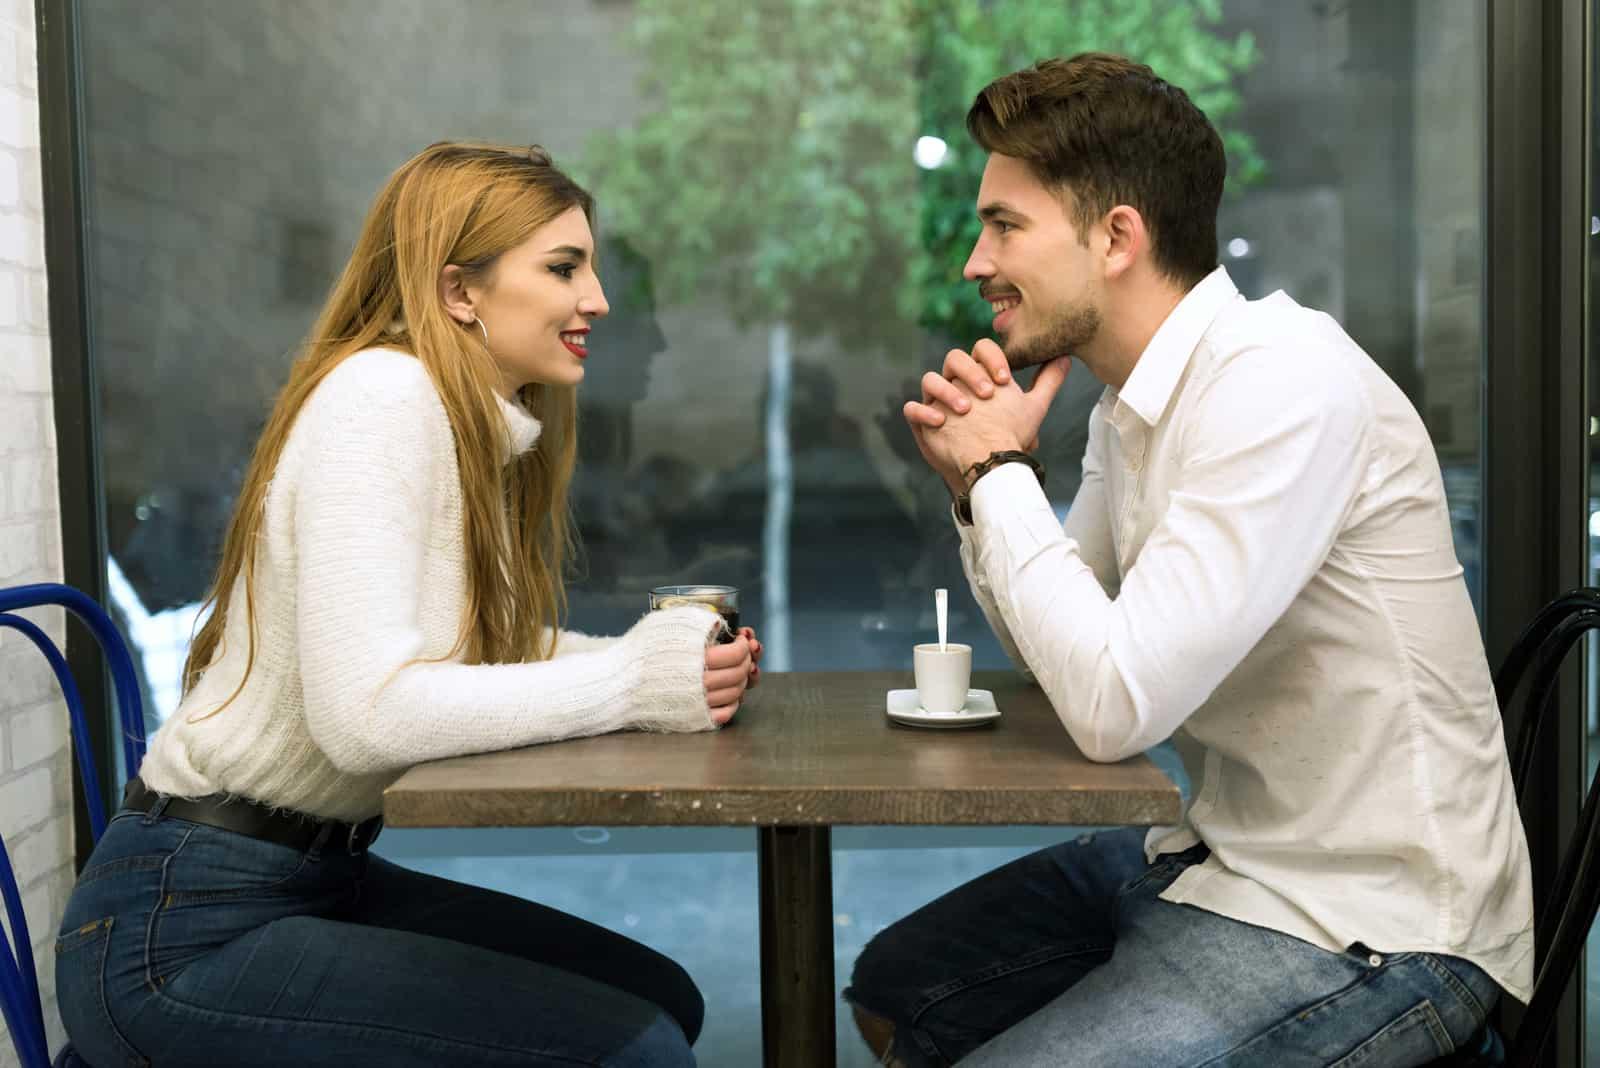 un homme et une femme sont assis à une table face à face